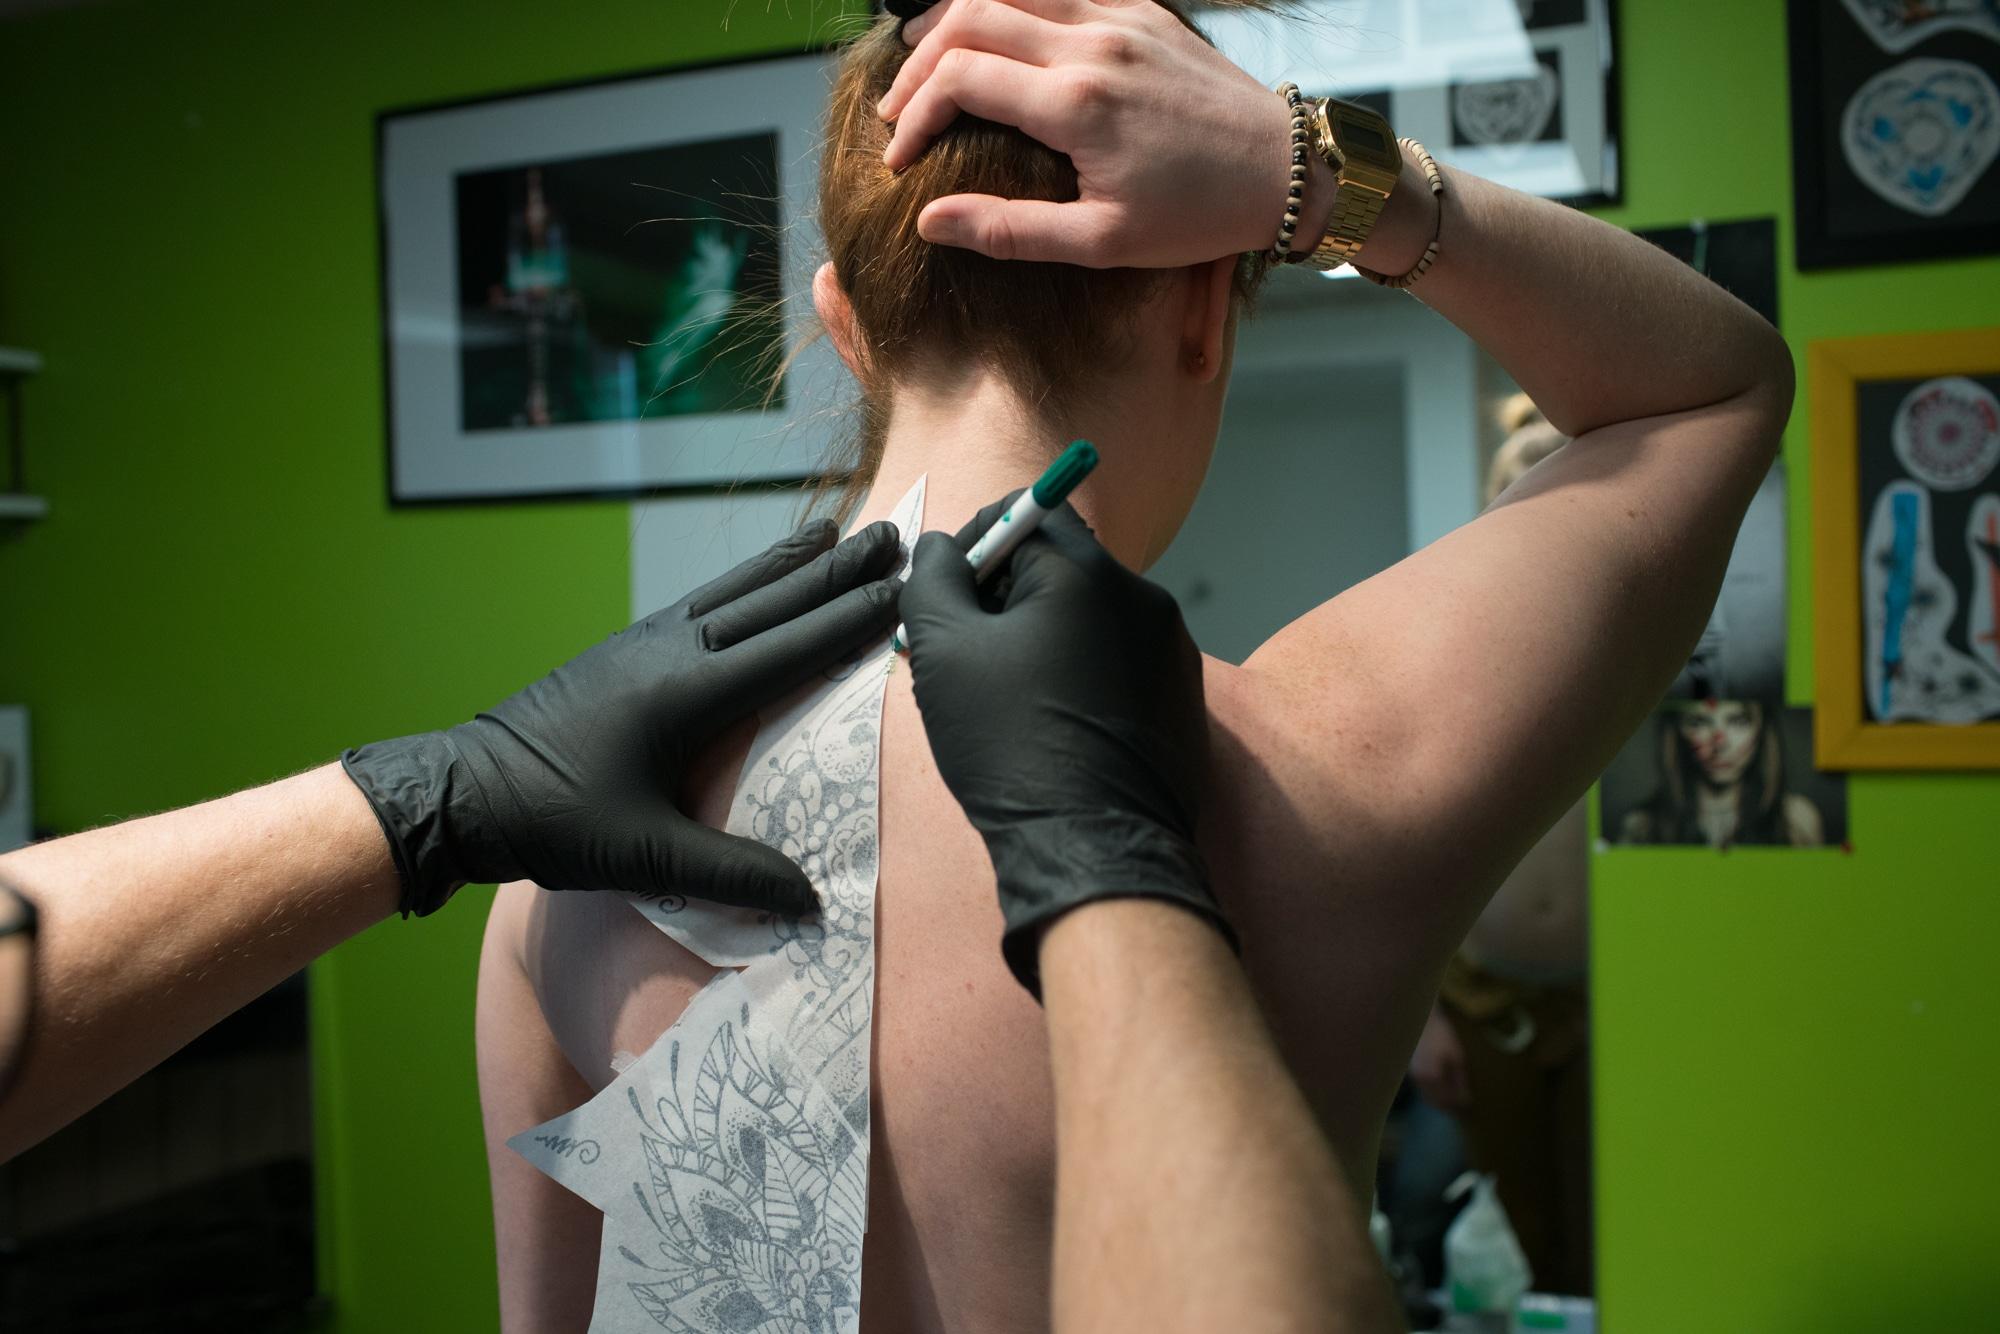 Damien retrace le tatouage sur le dos de sa cliente en se servant du dessin préparatoire